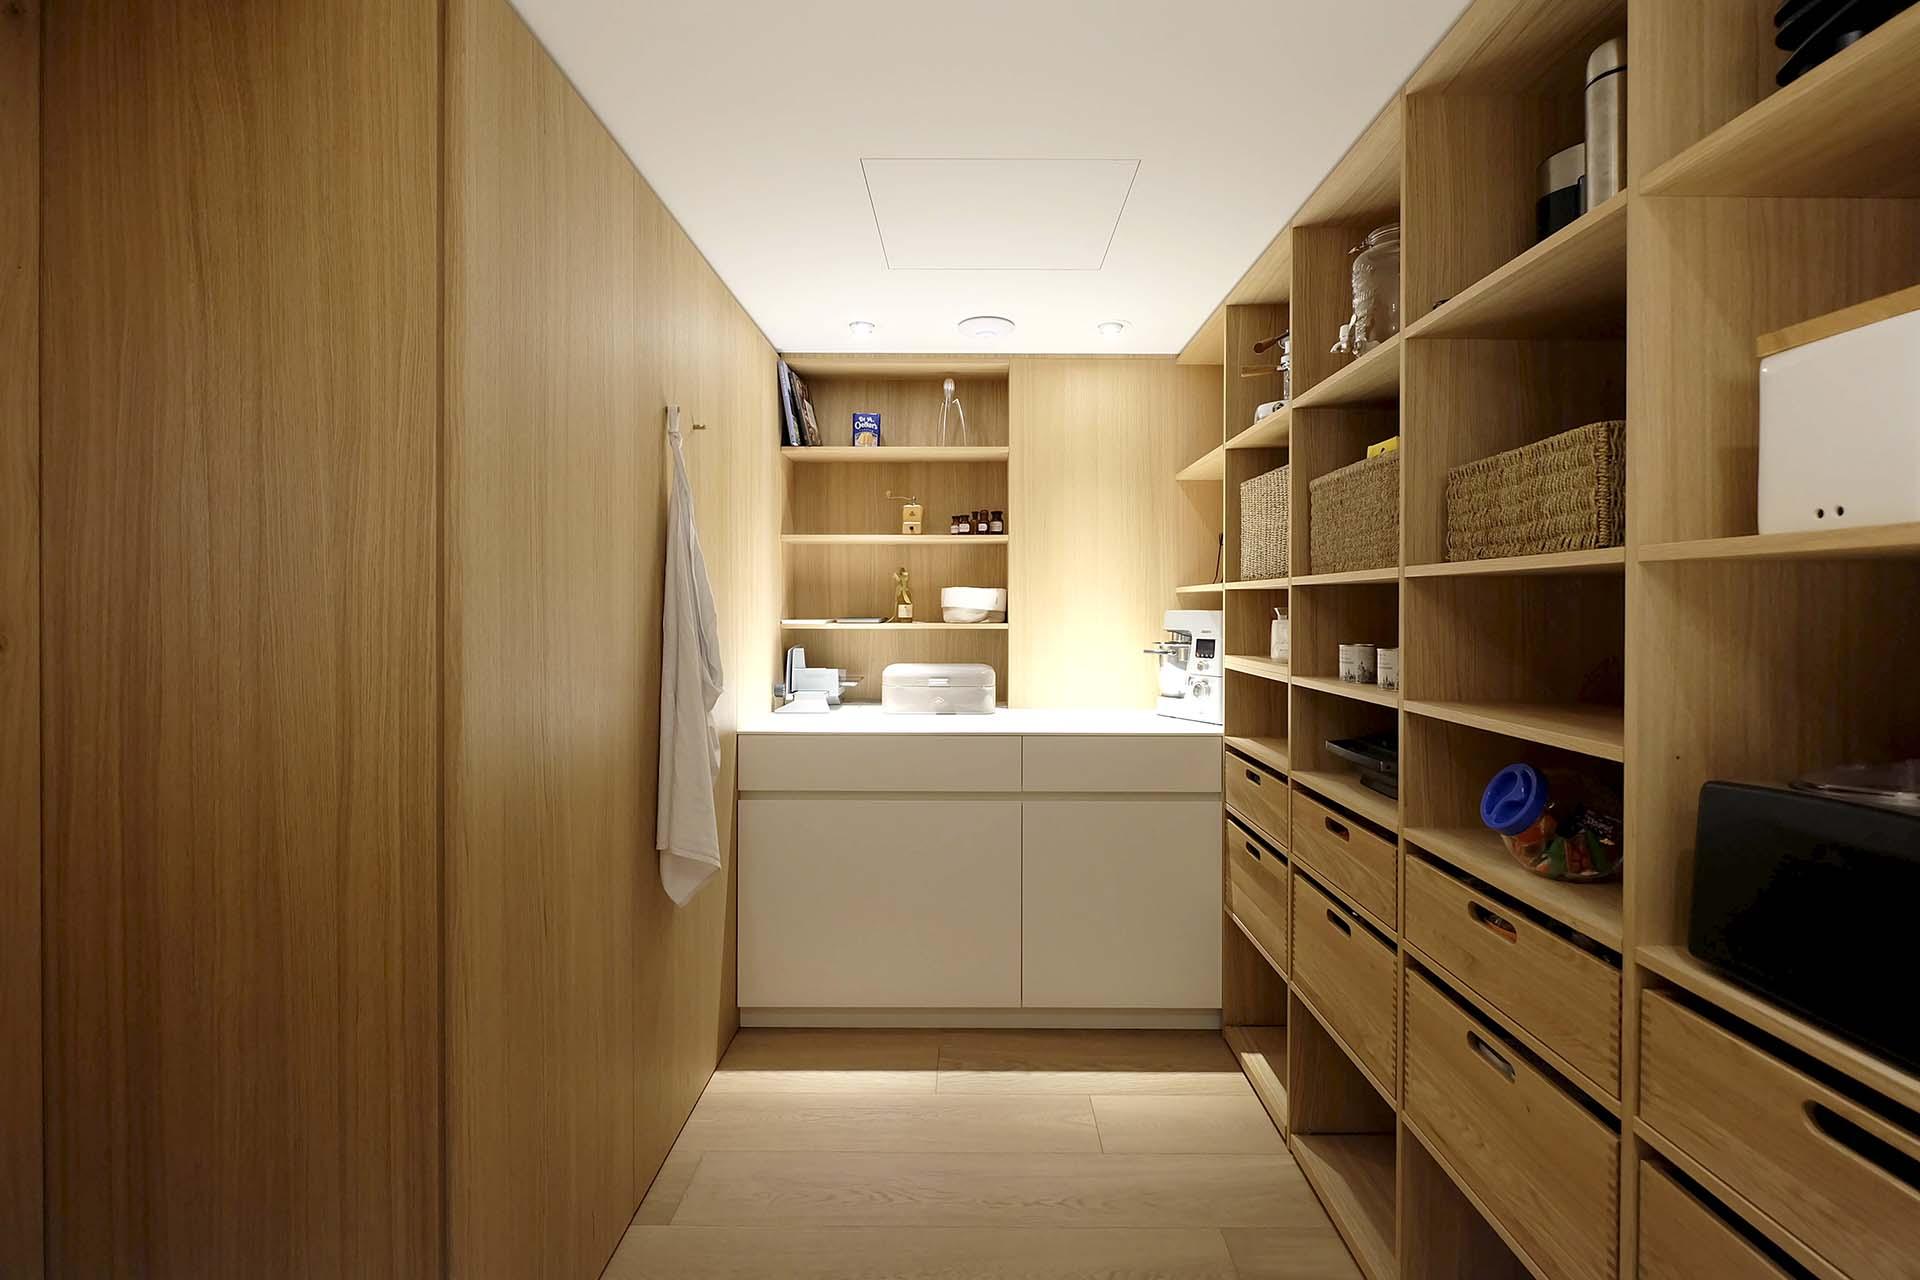 Masfina | Feine Küchen und Möbel auf Mass | Home Slider Image 013